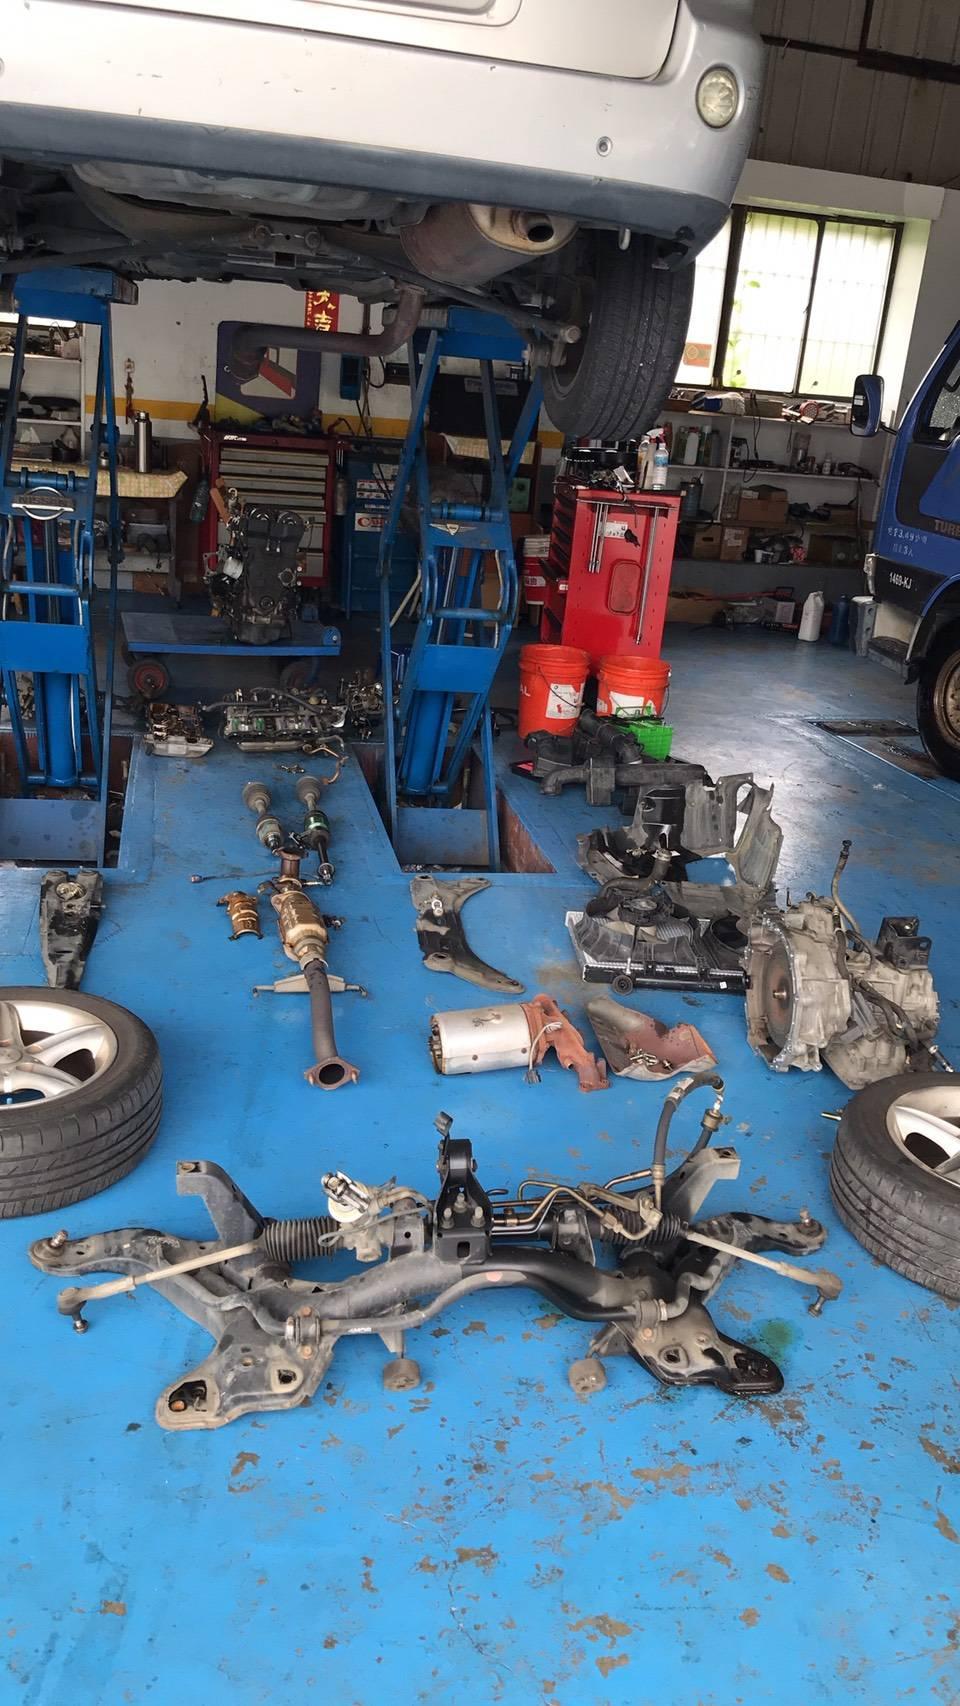 【賀徠汽車】福特/Ford MAV 引擎大修#引擎維修#引擎故障問題#福特維修